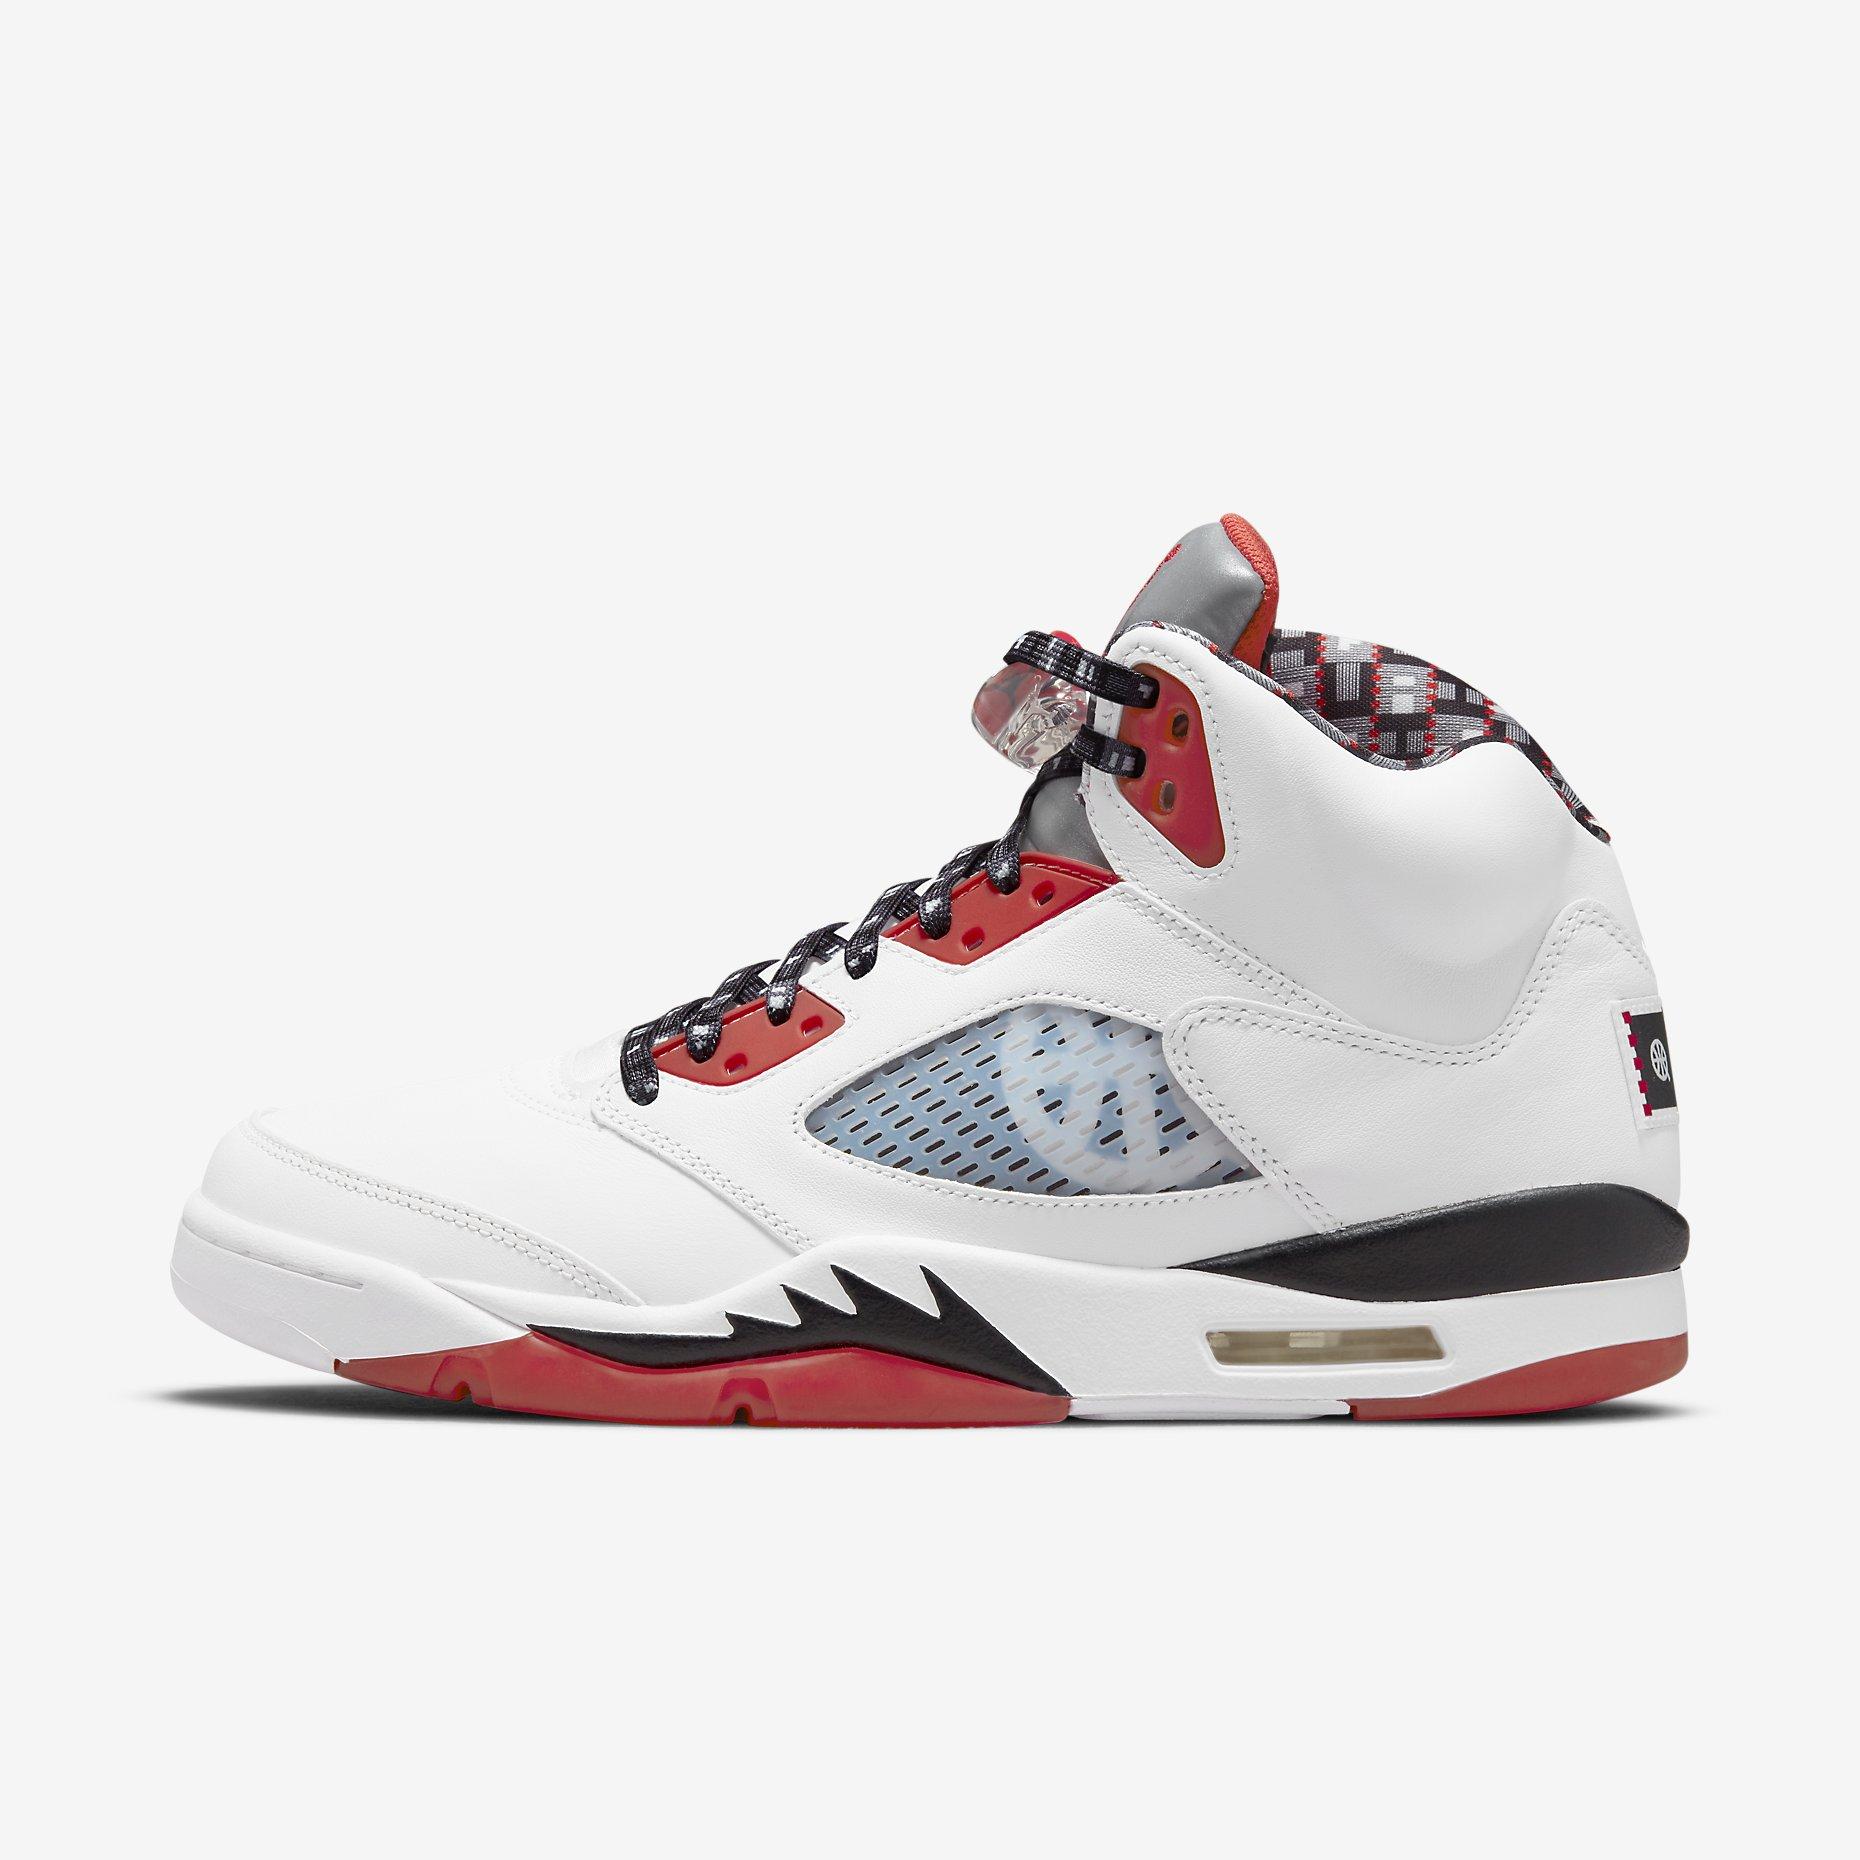 Air Jordan 5 Retro 'Quai 54' 2021